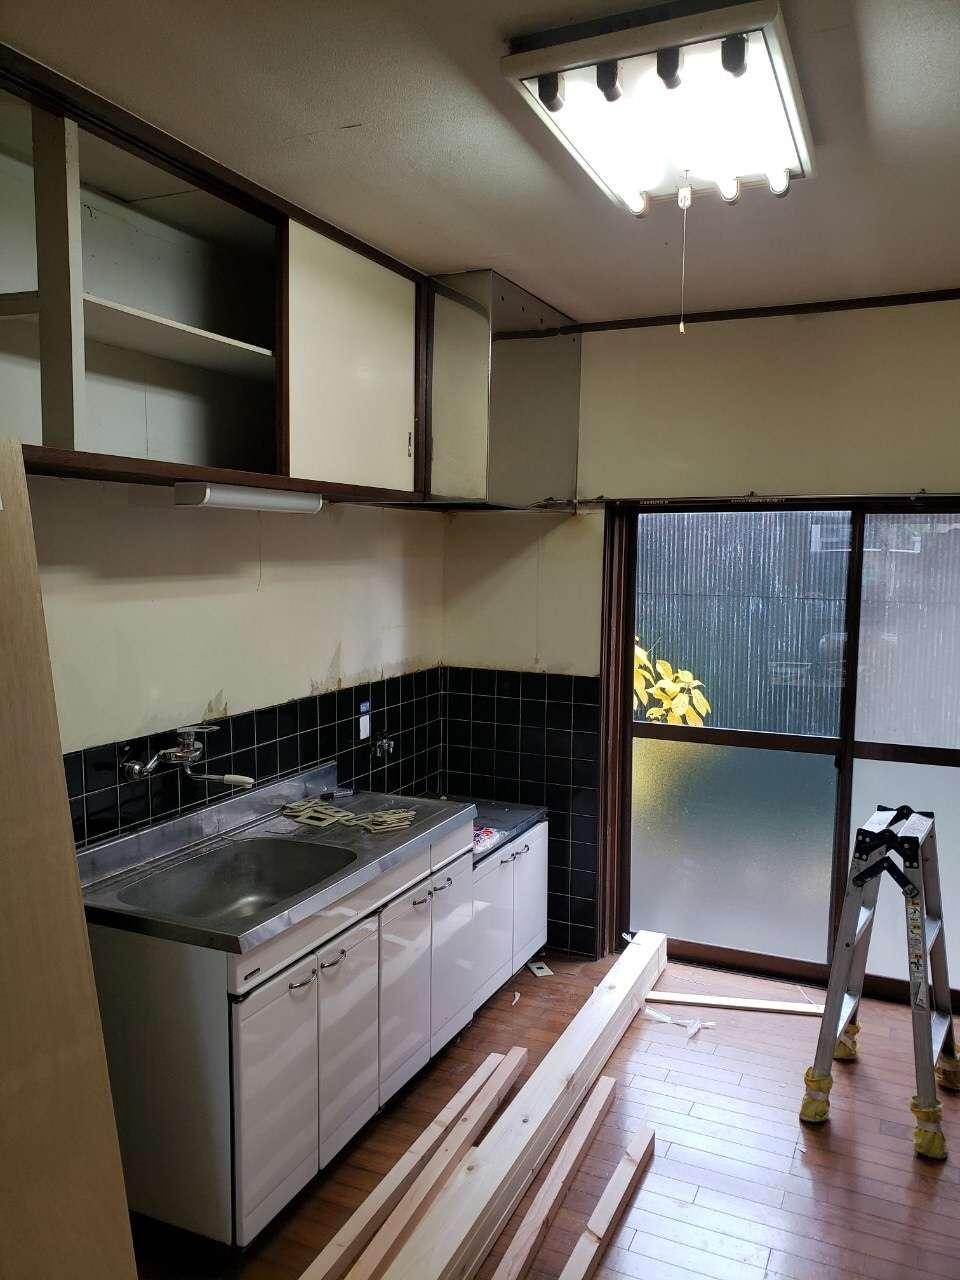 静岡 キッチン 壁紙 クロス 内装 クロス張替え 内装工事 クリーニングは静岡市のac Trustへ